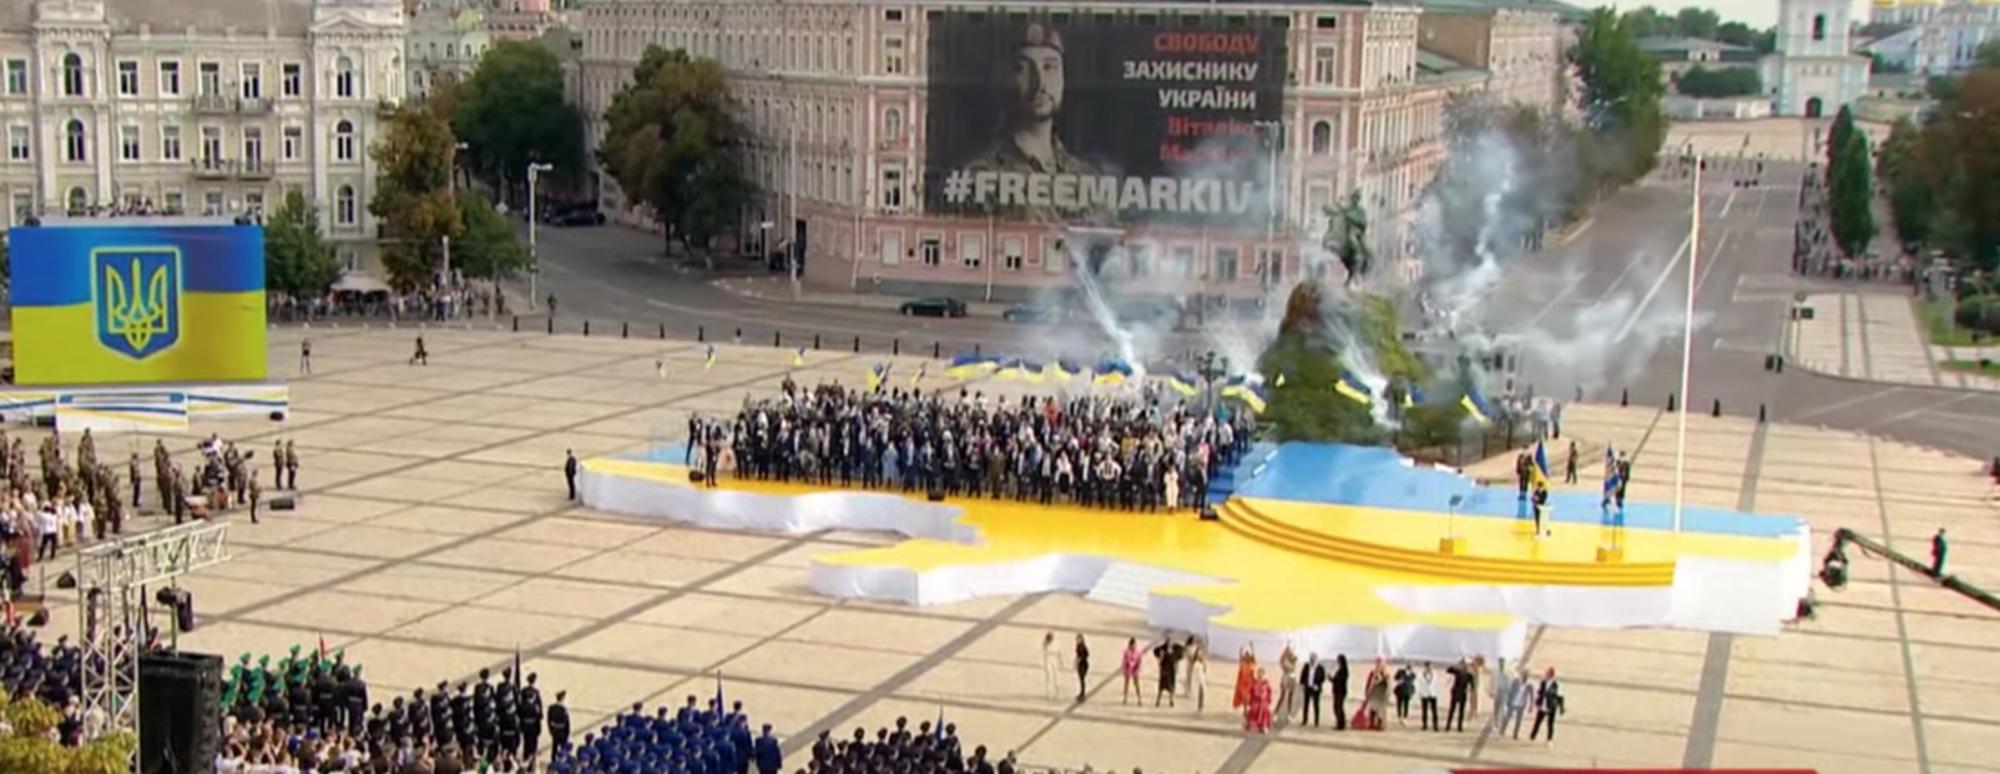 Звезды исполнили знаменитые украинские треки в центре Киева